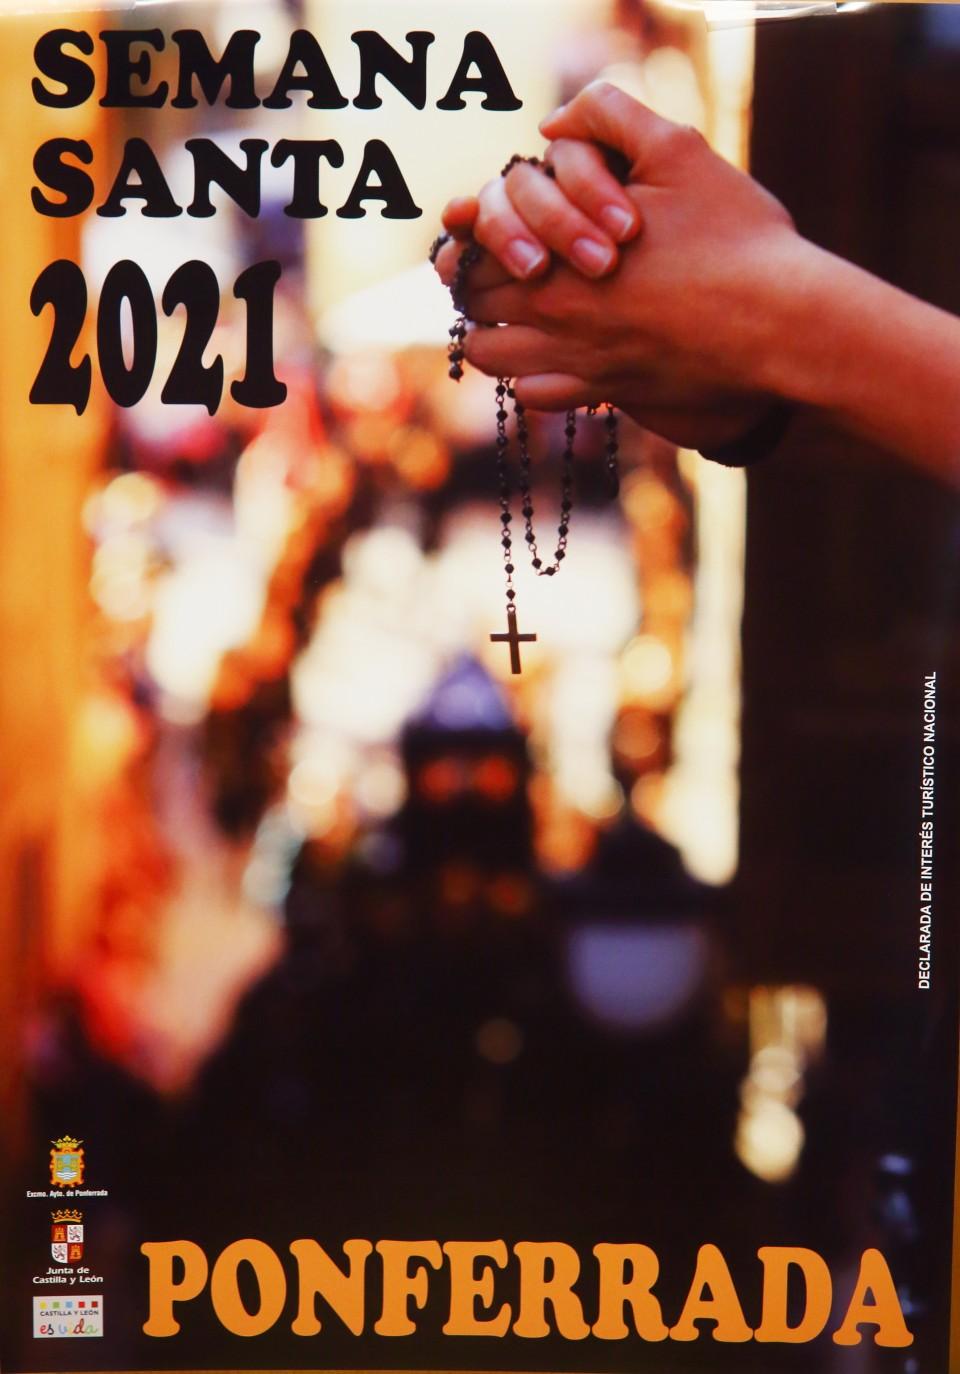 La Semana Santa ponferradina pendiente de los permisos para poder realizar actividades seguras alternativas 2